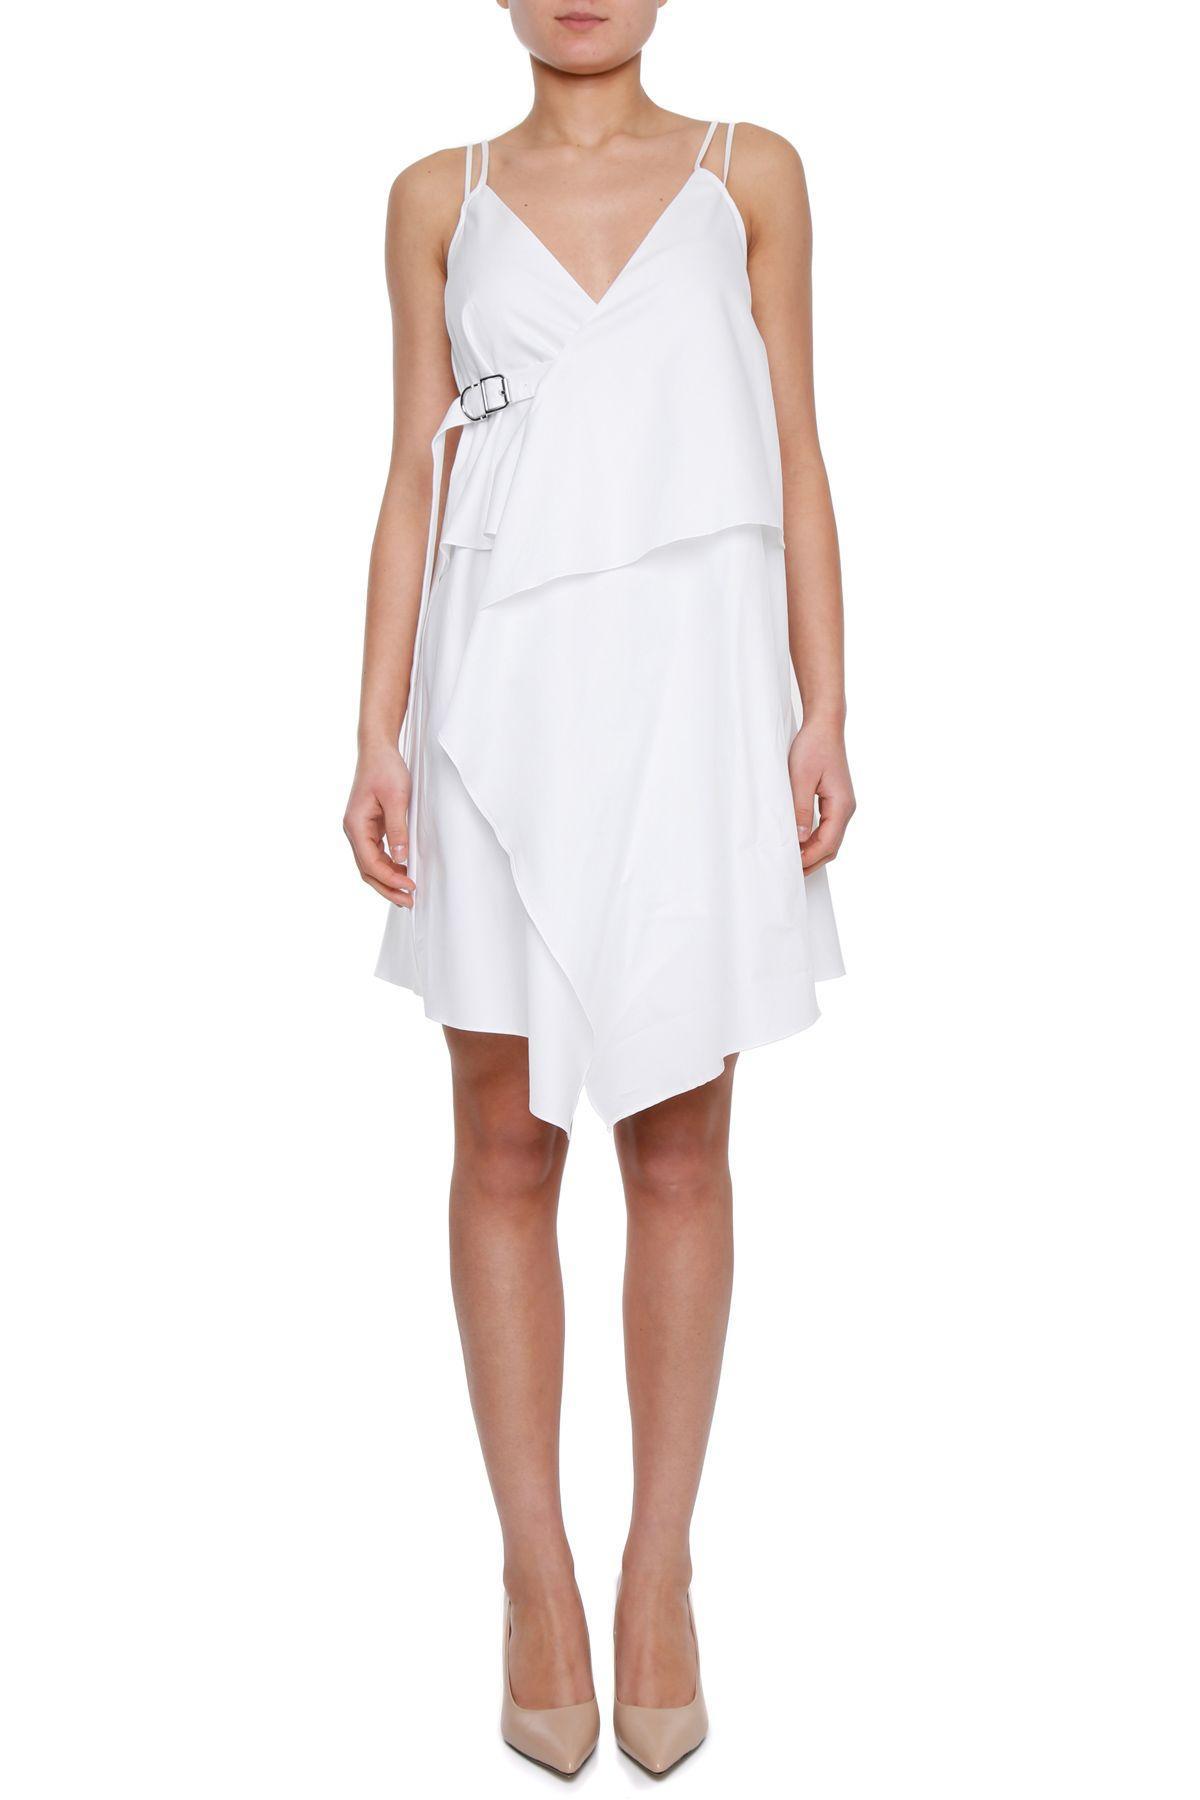 Carven Cotton Dress In Blanc Optique